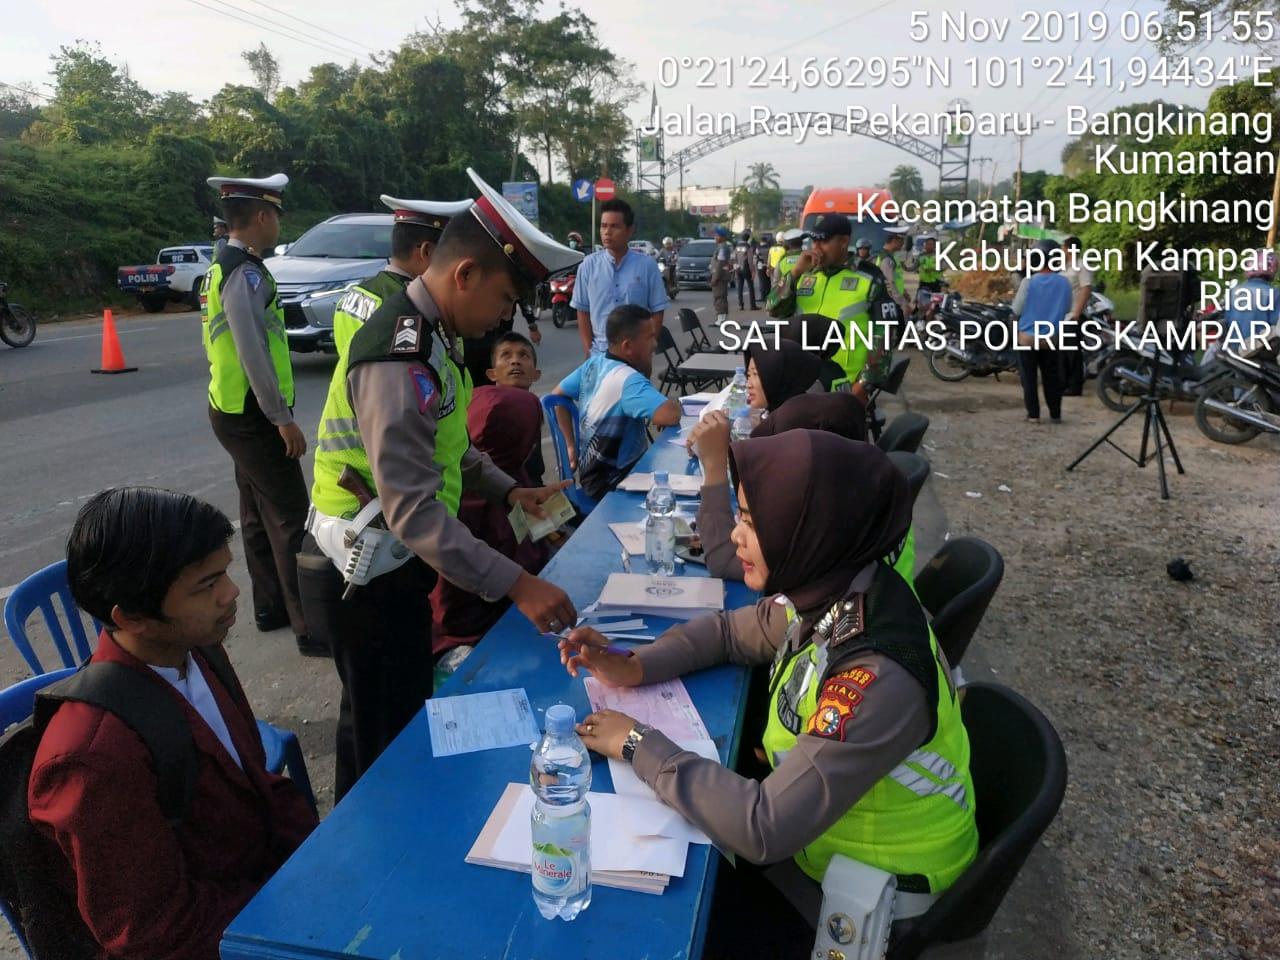 Operasi Zebra Muara Takus 2019, Jajaran Polres Kampar Tilang 1.640 Pelanggar